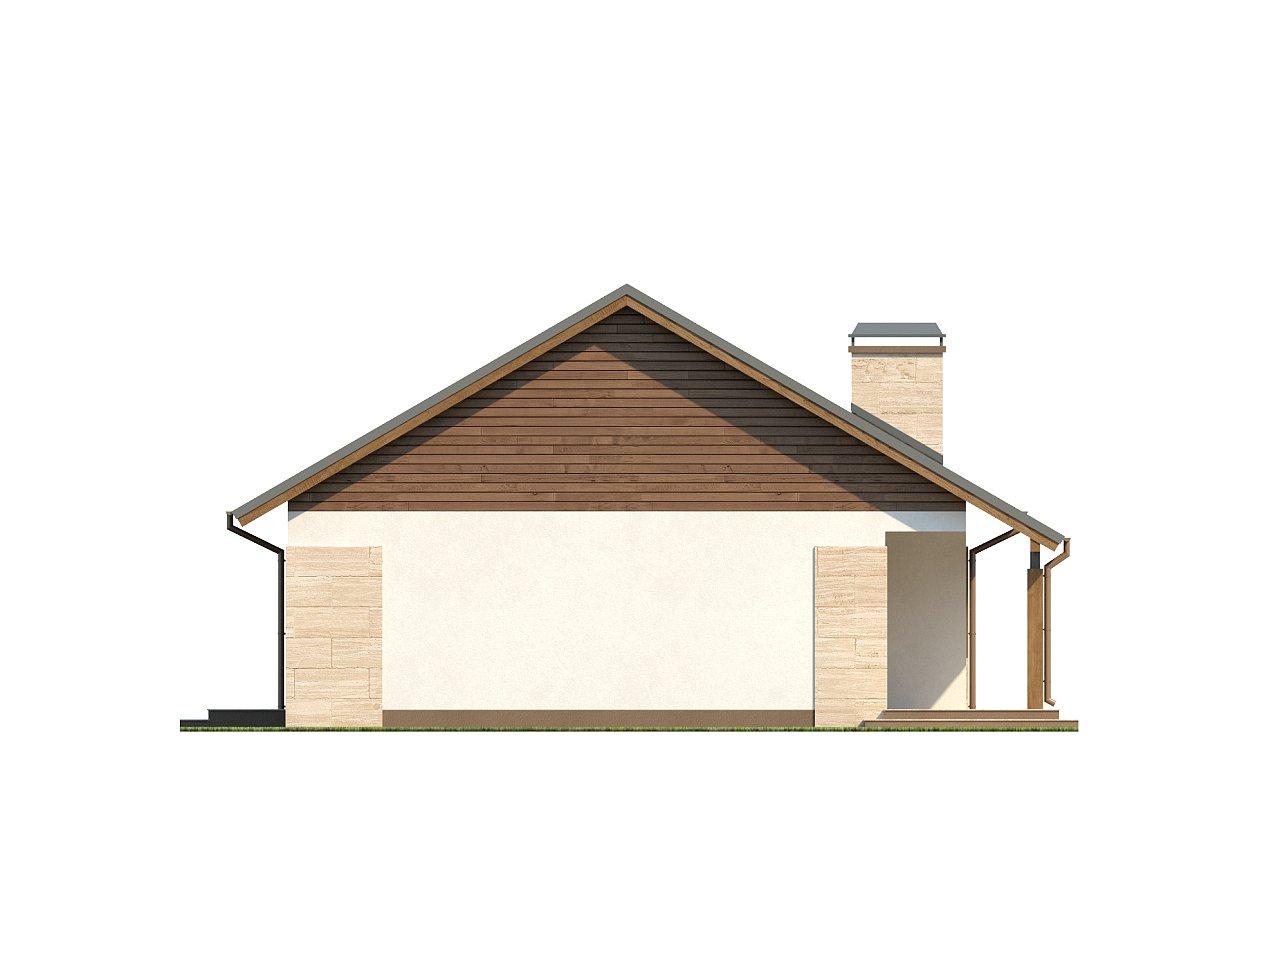 Проект выгодного одноэтажного дома с возможностью адаптации чердачного помещения. 18